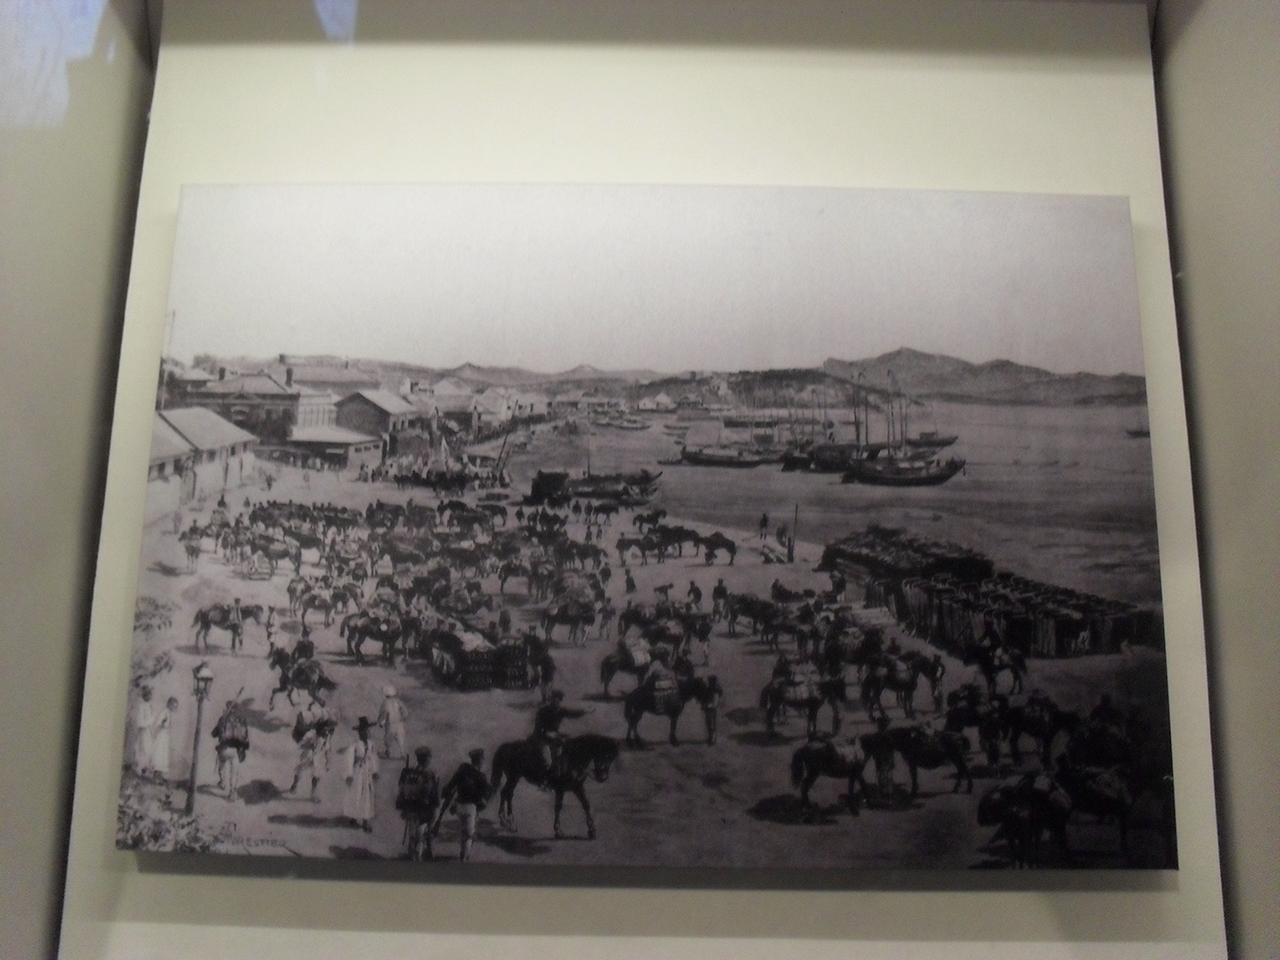 청일전쟁 당시 조선에 상륙하는 일본군. 대한민국역사박물관에서 찍은 사진.